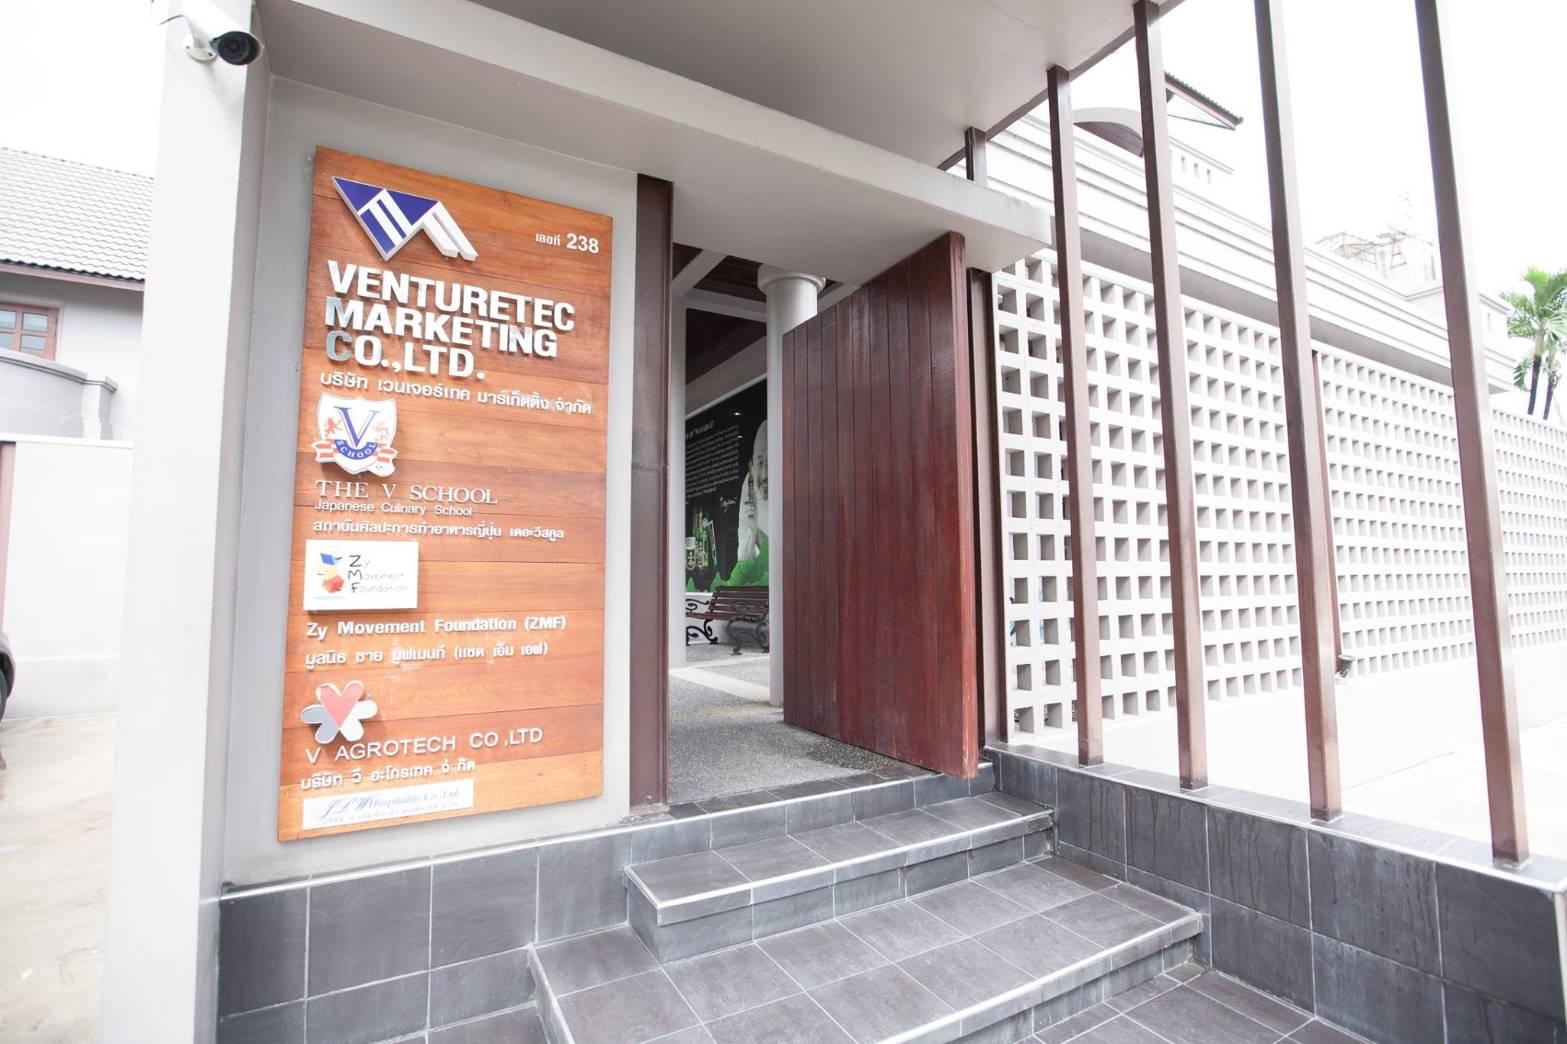 Venturetec Marketing - บริษัท เดอะเบสท์ มัลติมีเดีย โปรเฟสชั่นแนล จำกัด